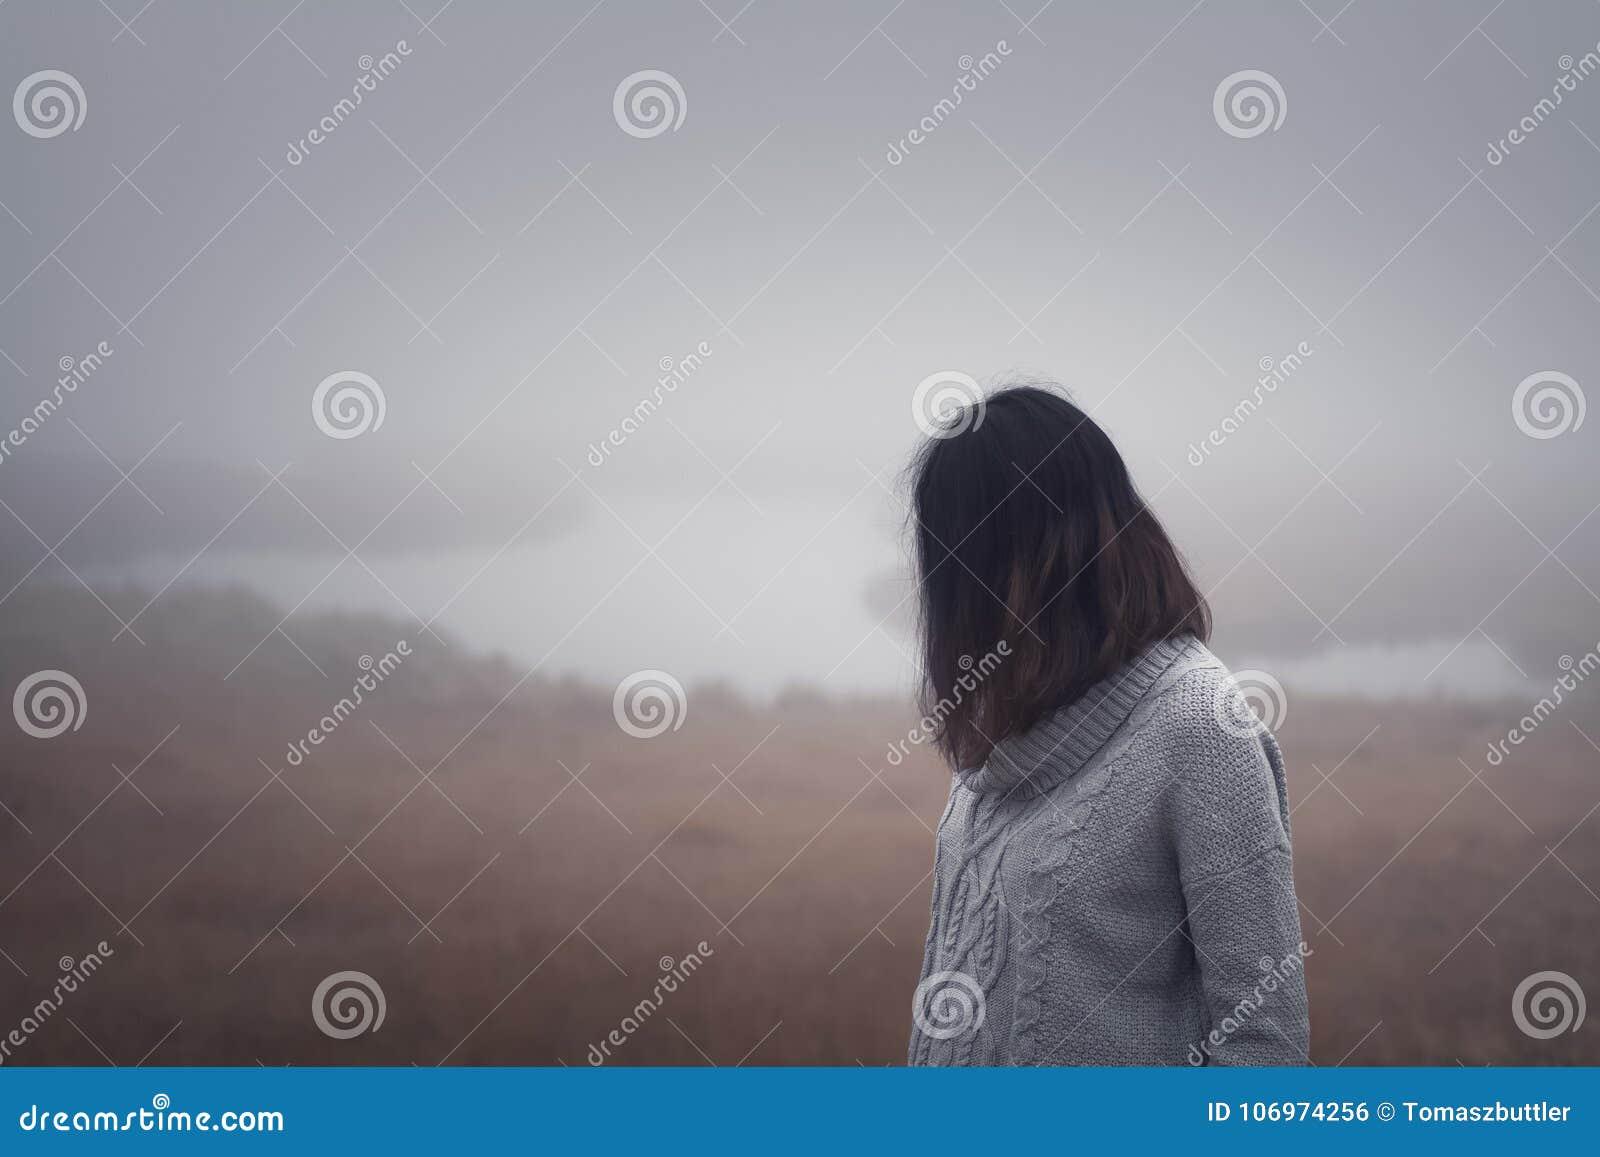 De jonge vrouw bevindt zich door het water in de mist op een mistige dag